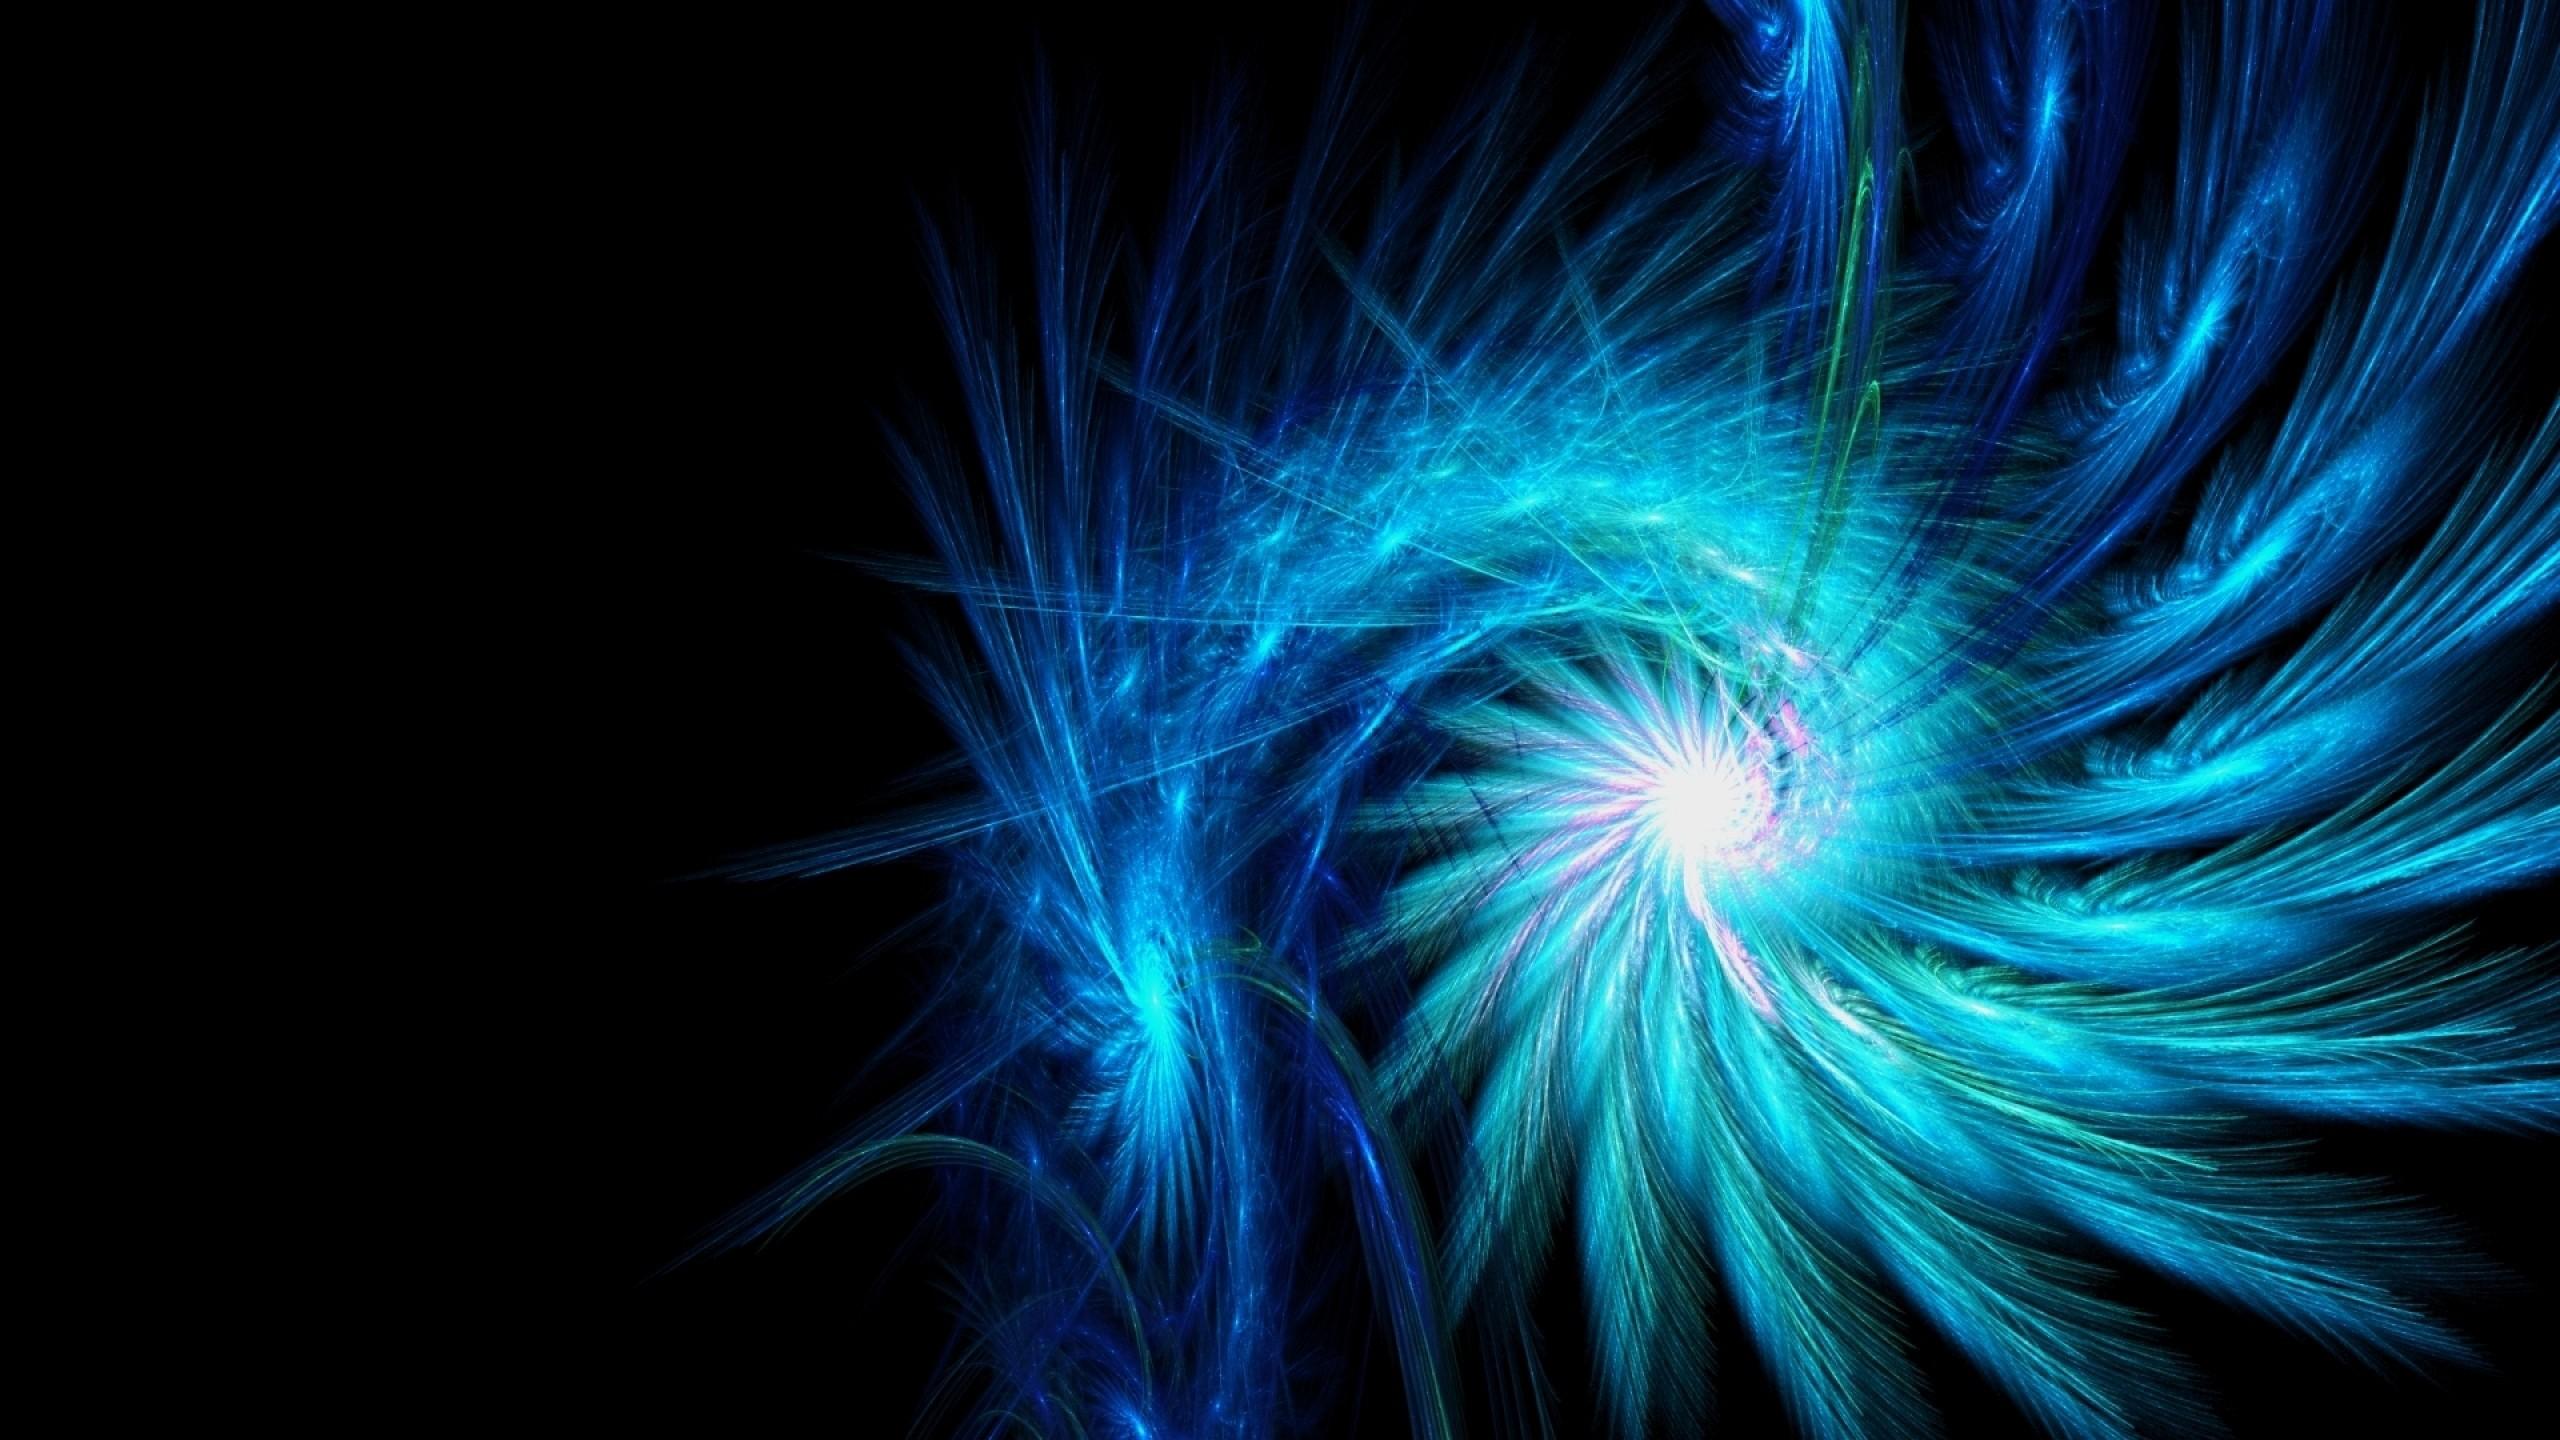 Wallpaper spiral, light, neon, background, dark